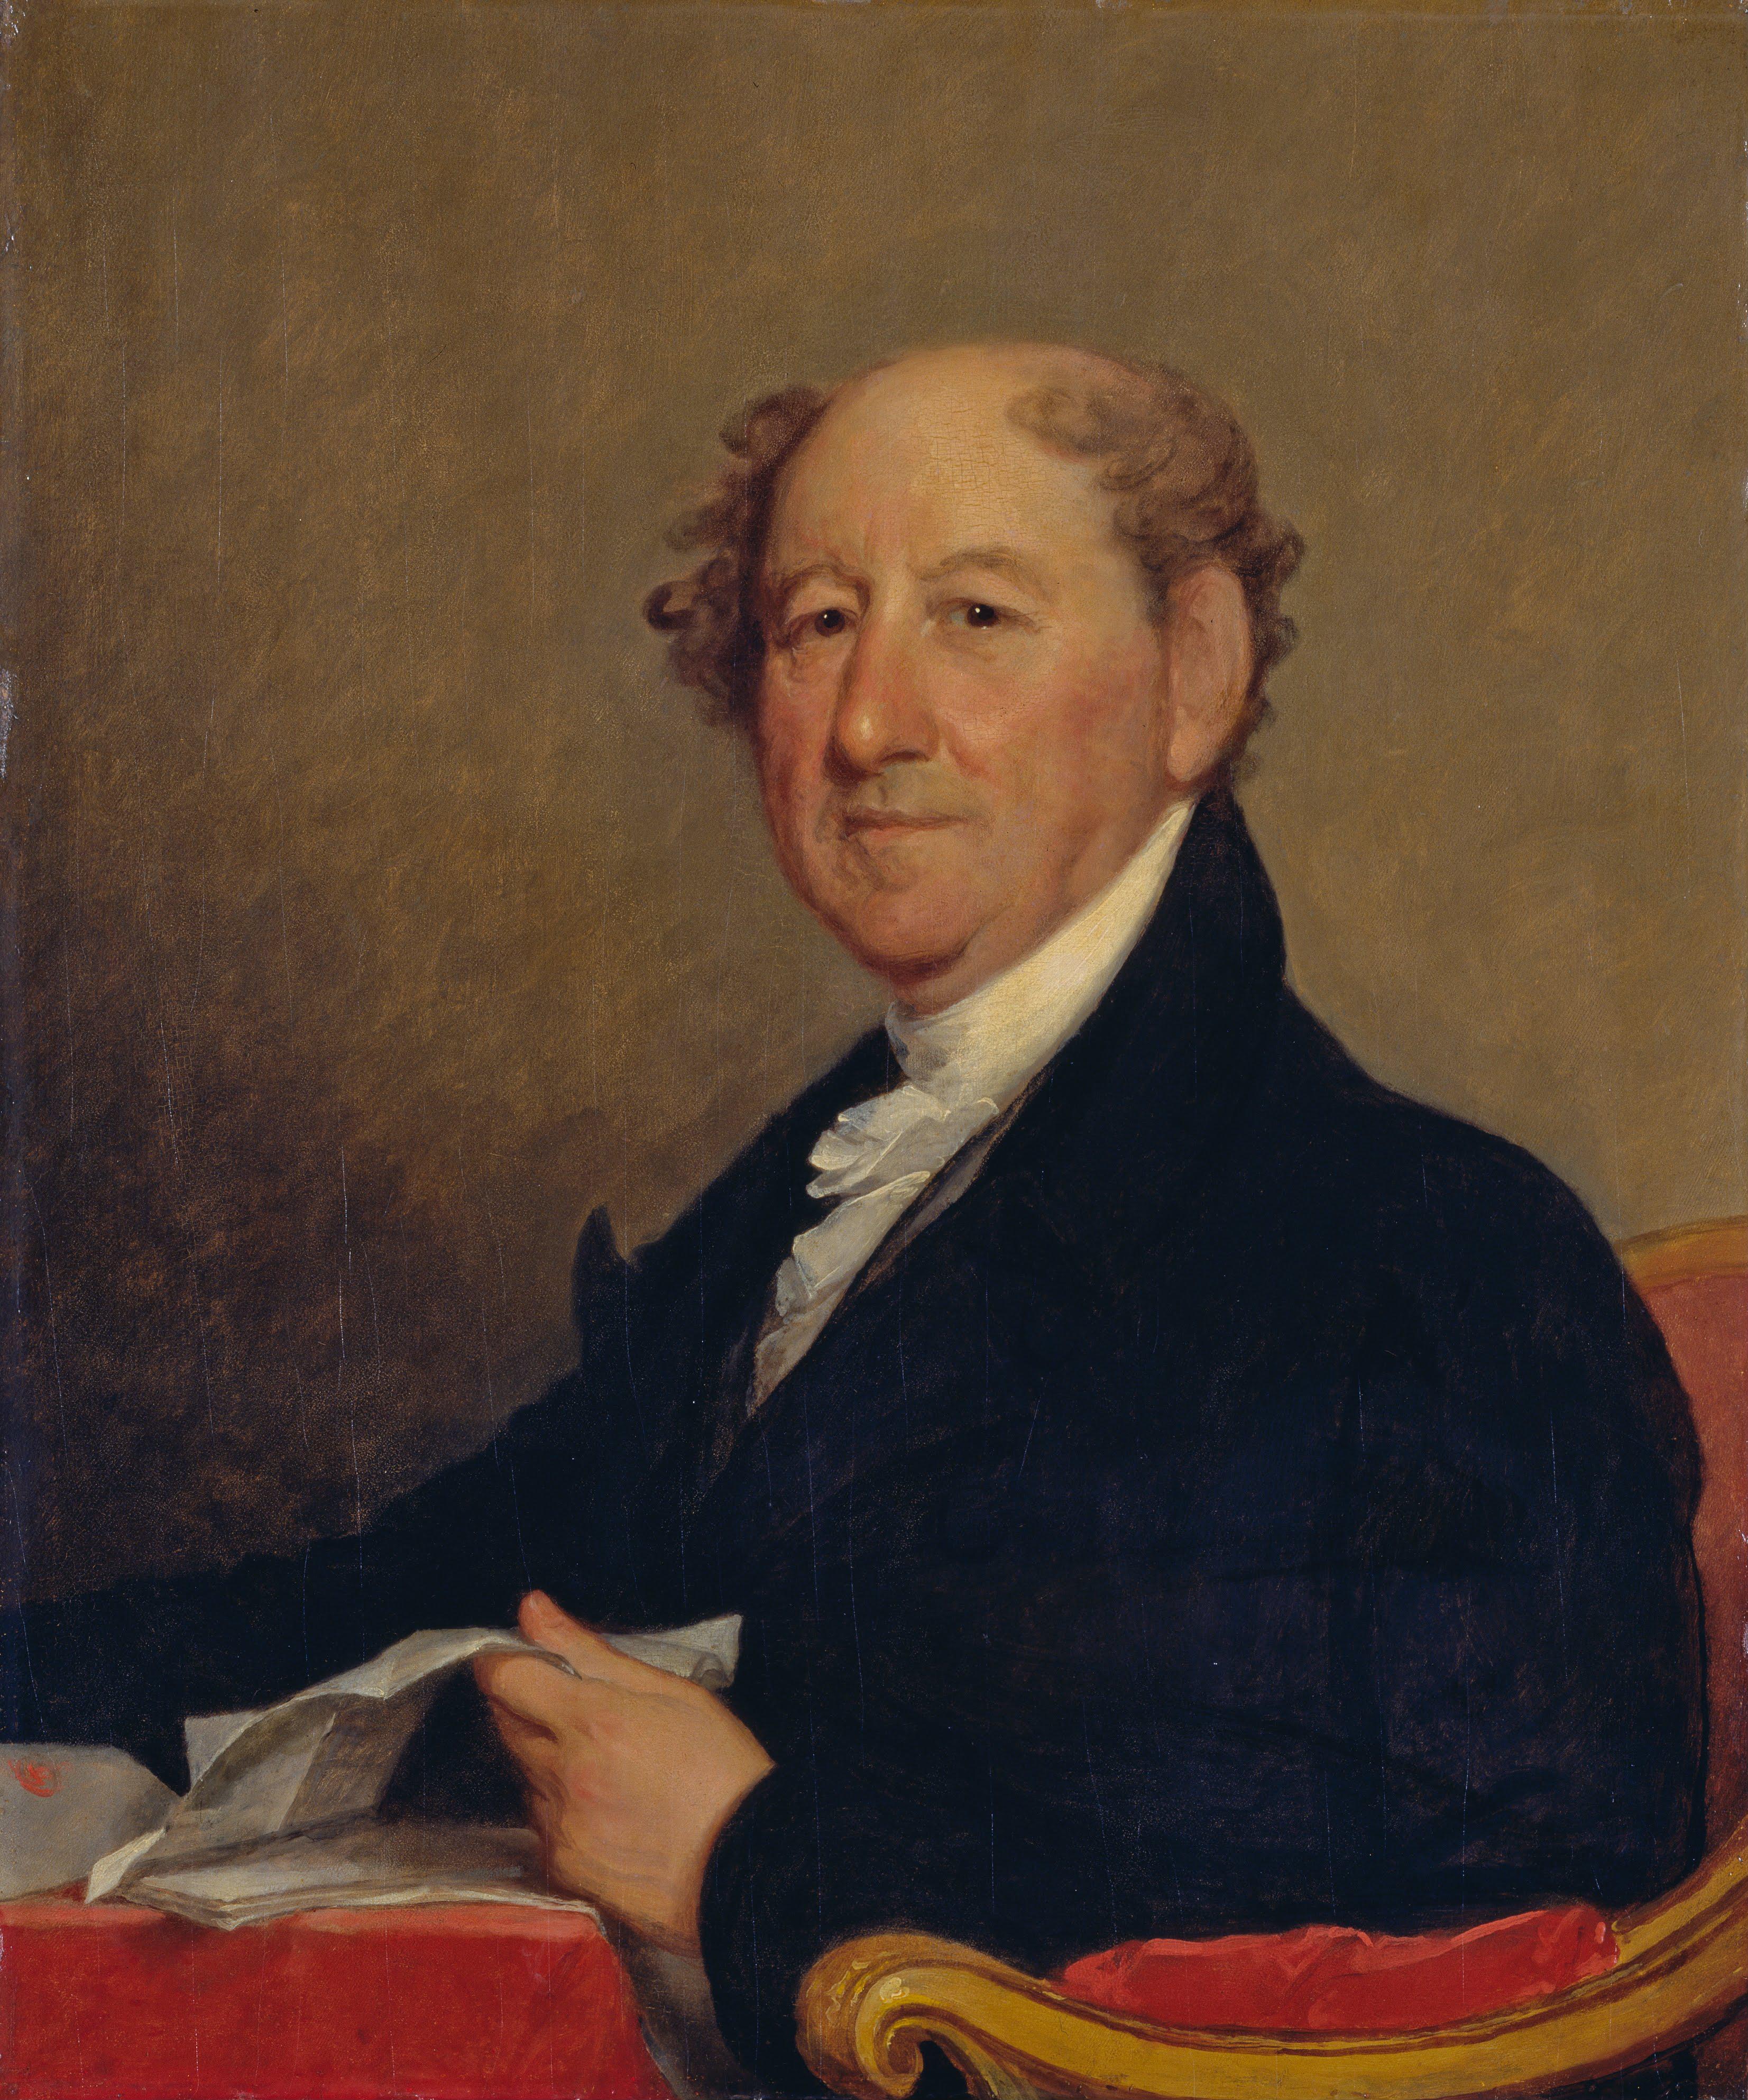 Portrait by [[Gilbert Stuart]], c. 1820